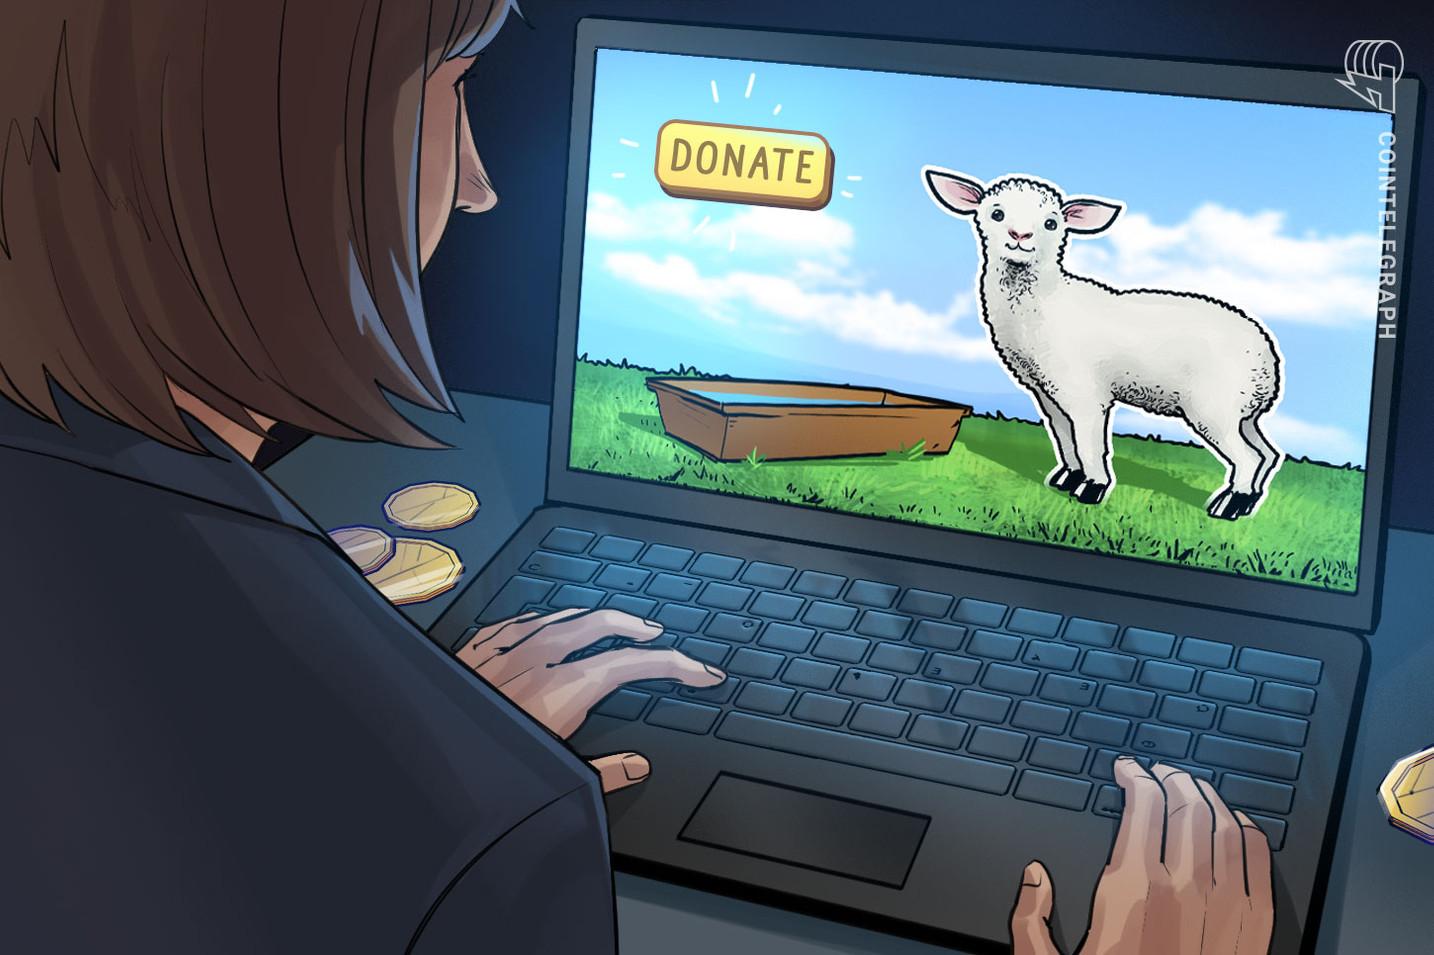 암호화폐 기부해 양 먹이 주는 온라인 중계 프로그램 시작